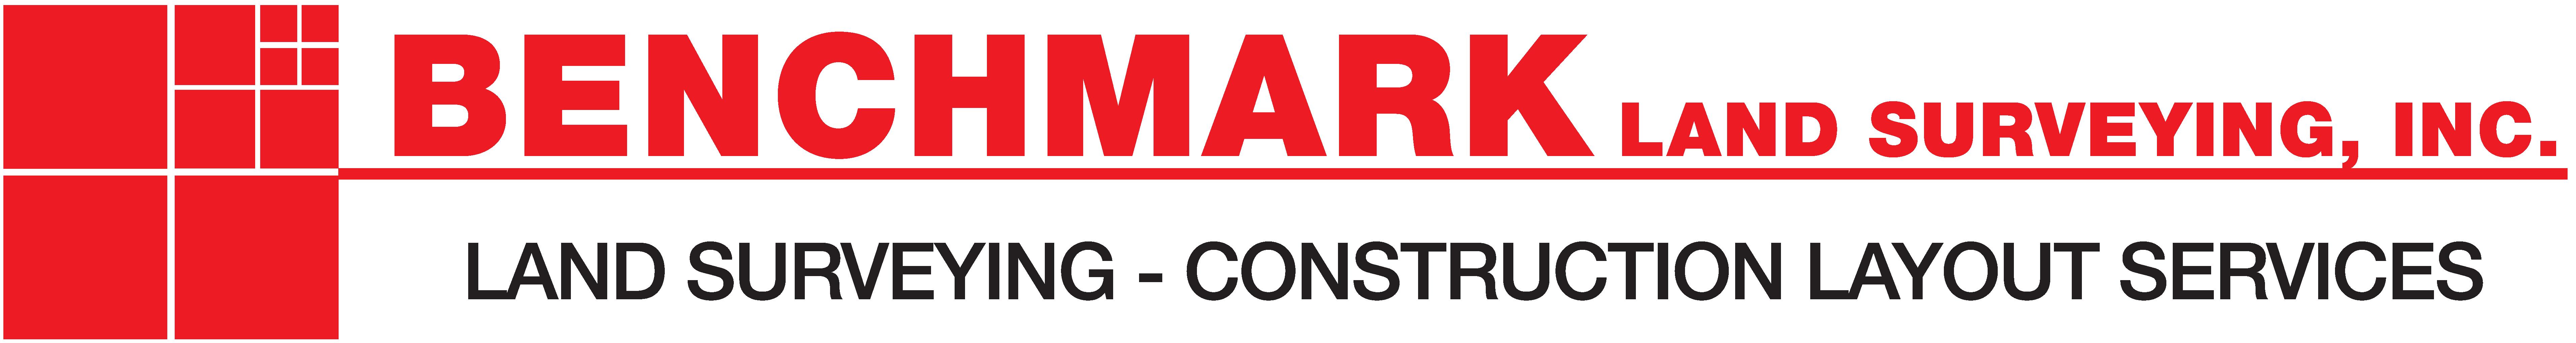 Benchmark Land Surveying Inc. image 1